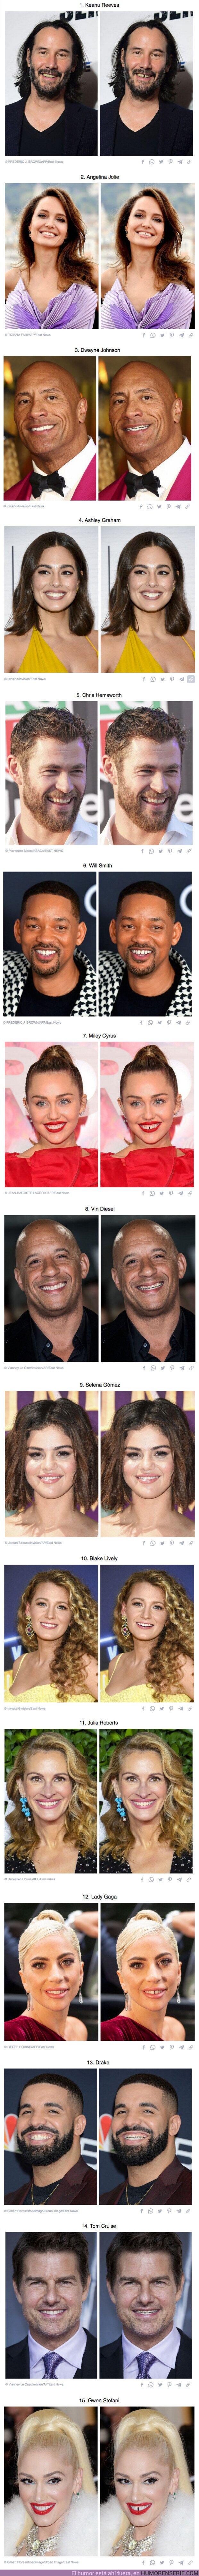 77570 - GALERÍA: 15 Fotos que demuestran cómo los dientes pueden cambiar el rostro